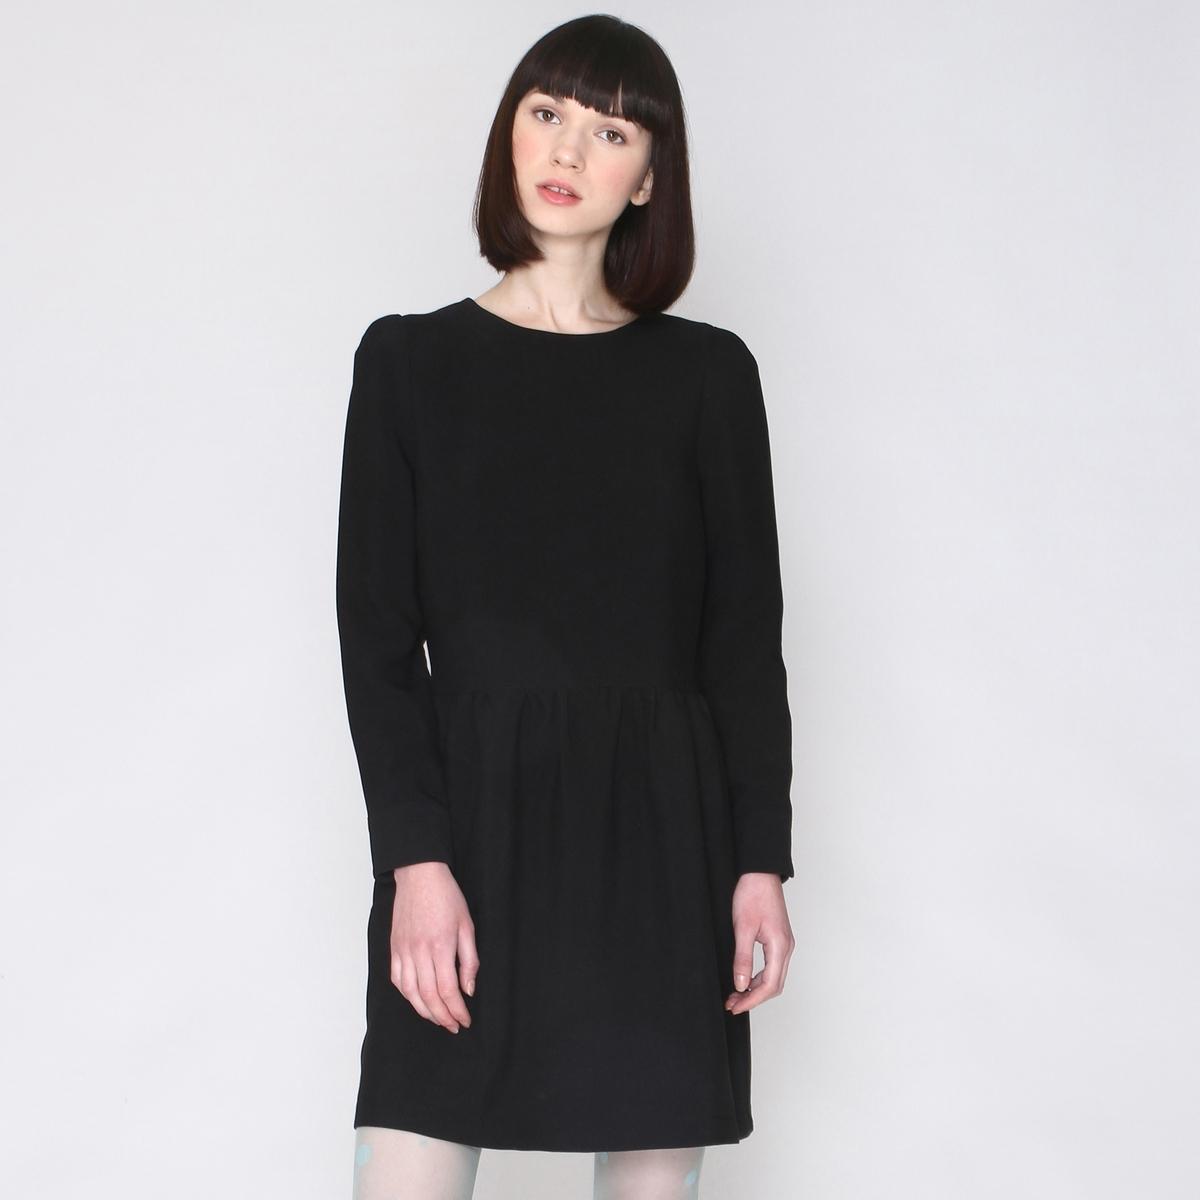 Платье с круглым вырезом и длинными рукавамиштрихом роскоши и обновленным винтажным дизайном! Состав и описаниеМатериал:  60% полиэстера, 25 вискозы, 5% эластана Марка: Pepaloves.Застежка: вырез-капля на 1 пуговицу сзади .<br><br>Цвет: черный<br>Размер: L